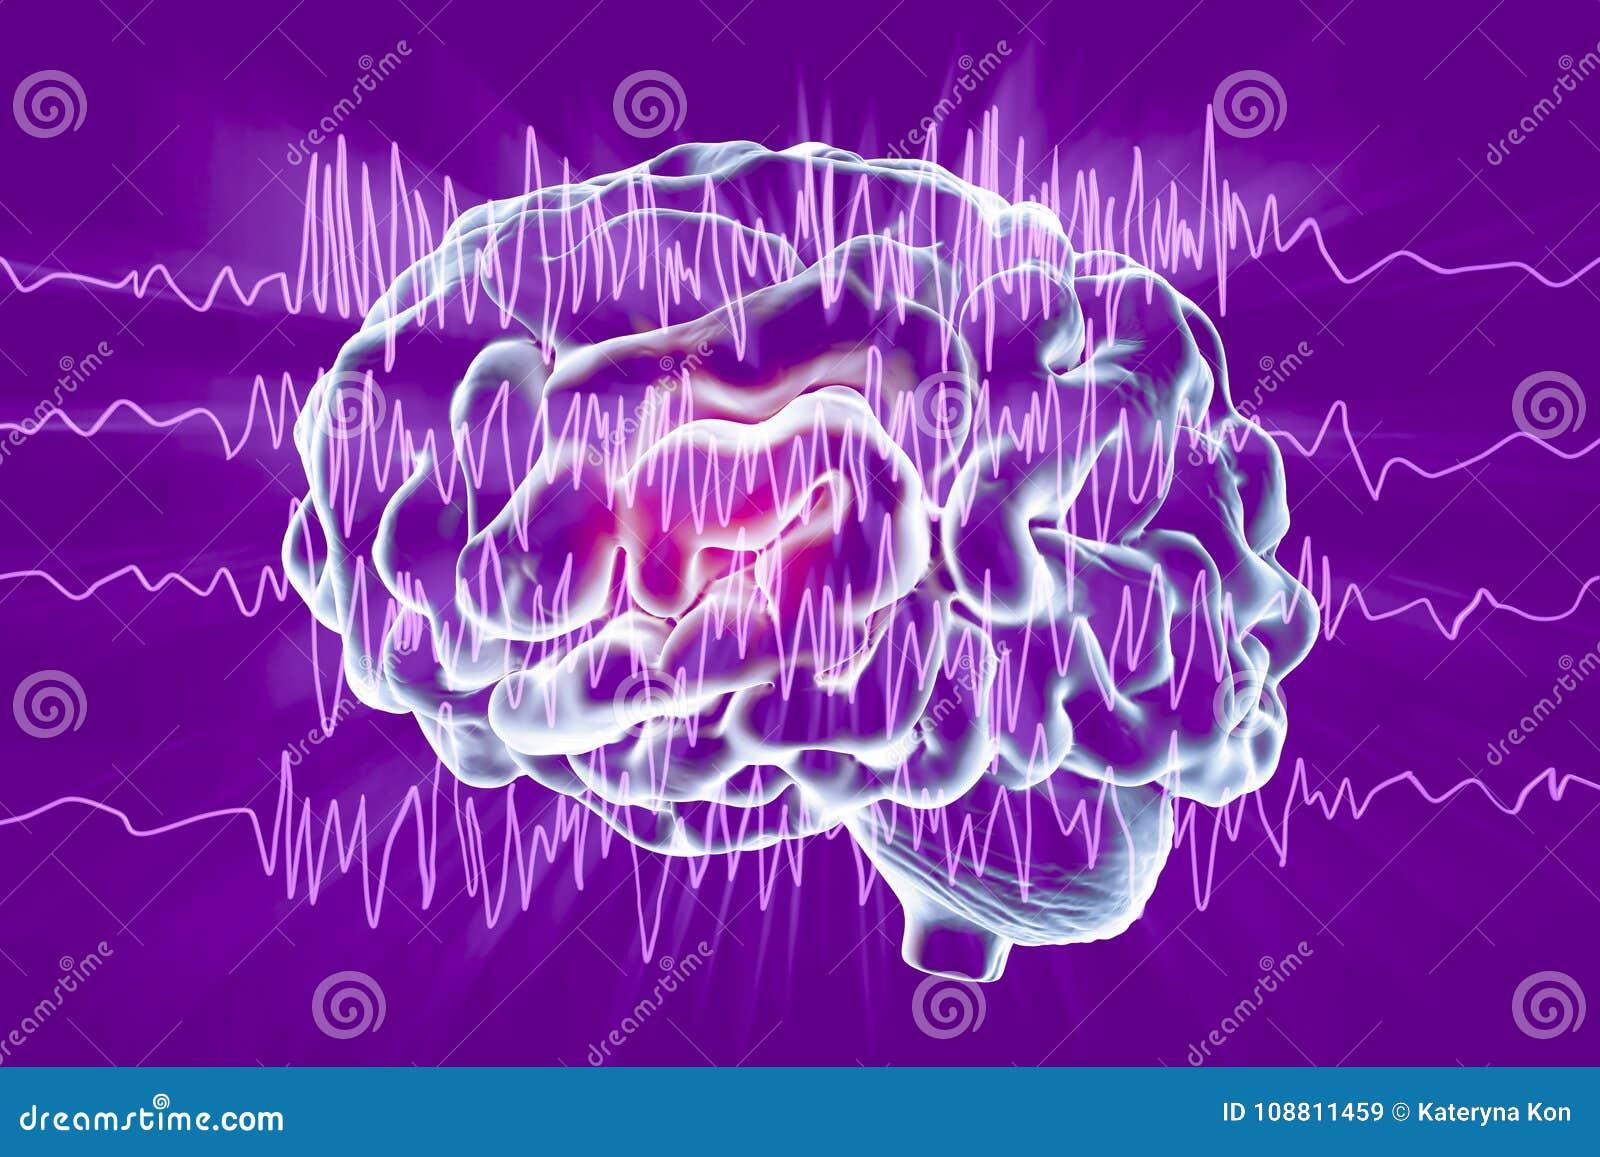 Concetto di consapevolezza di epilessia